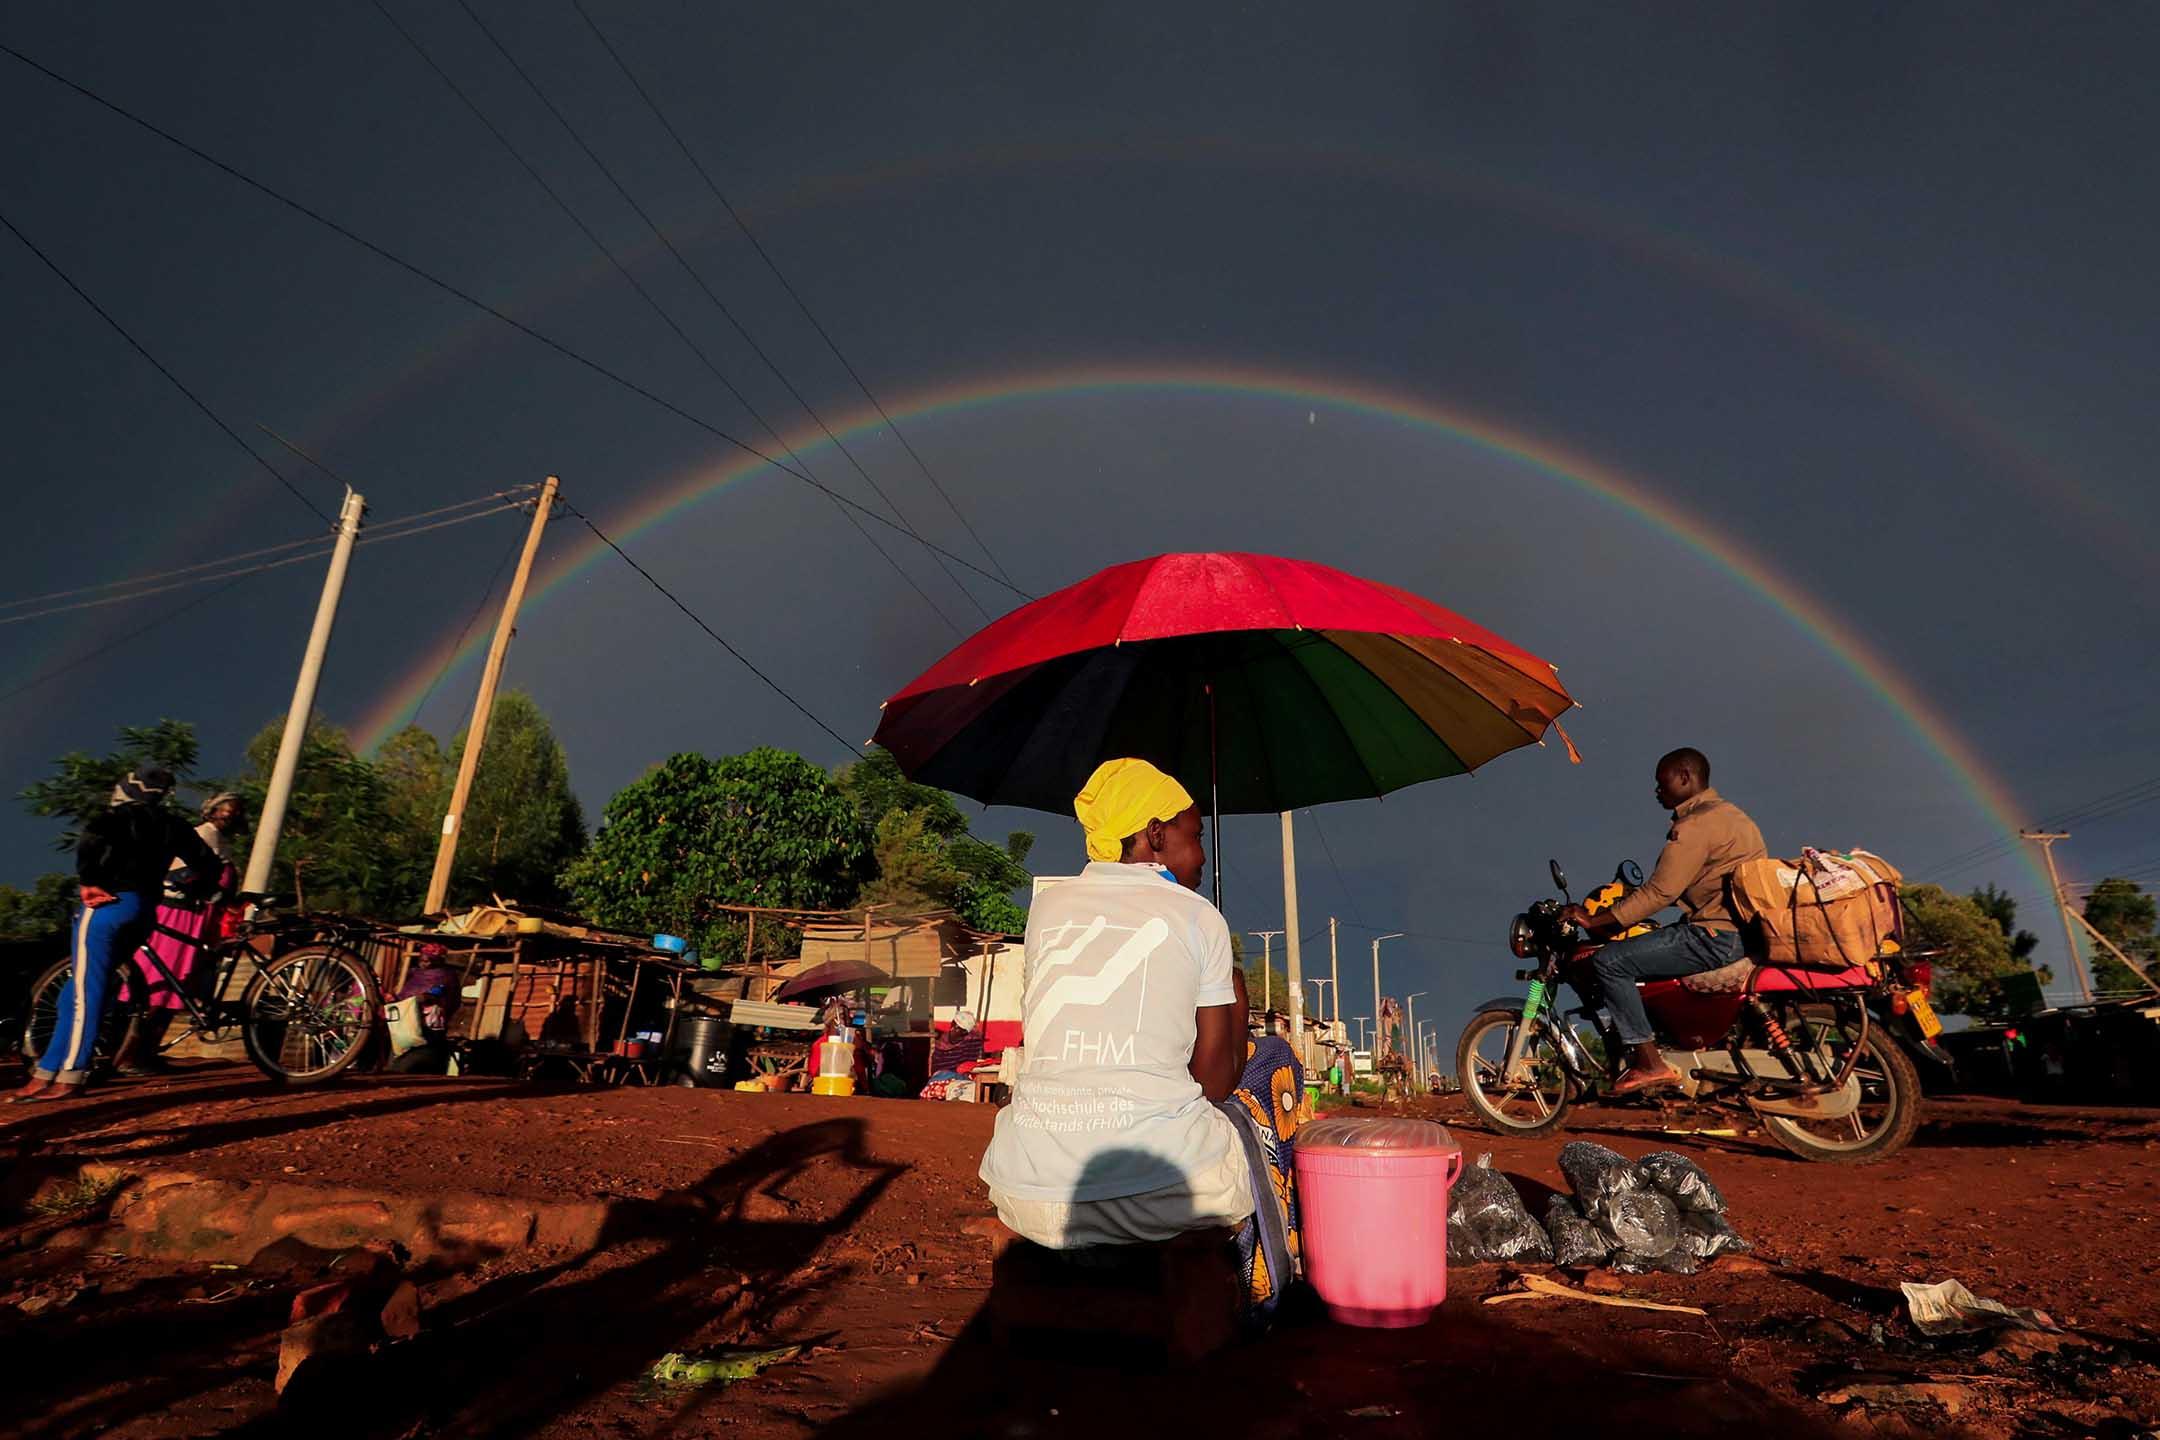 2020年5月3日肯尼亞,一名婦女手持雨傘並在路邊賣零食。